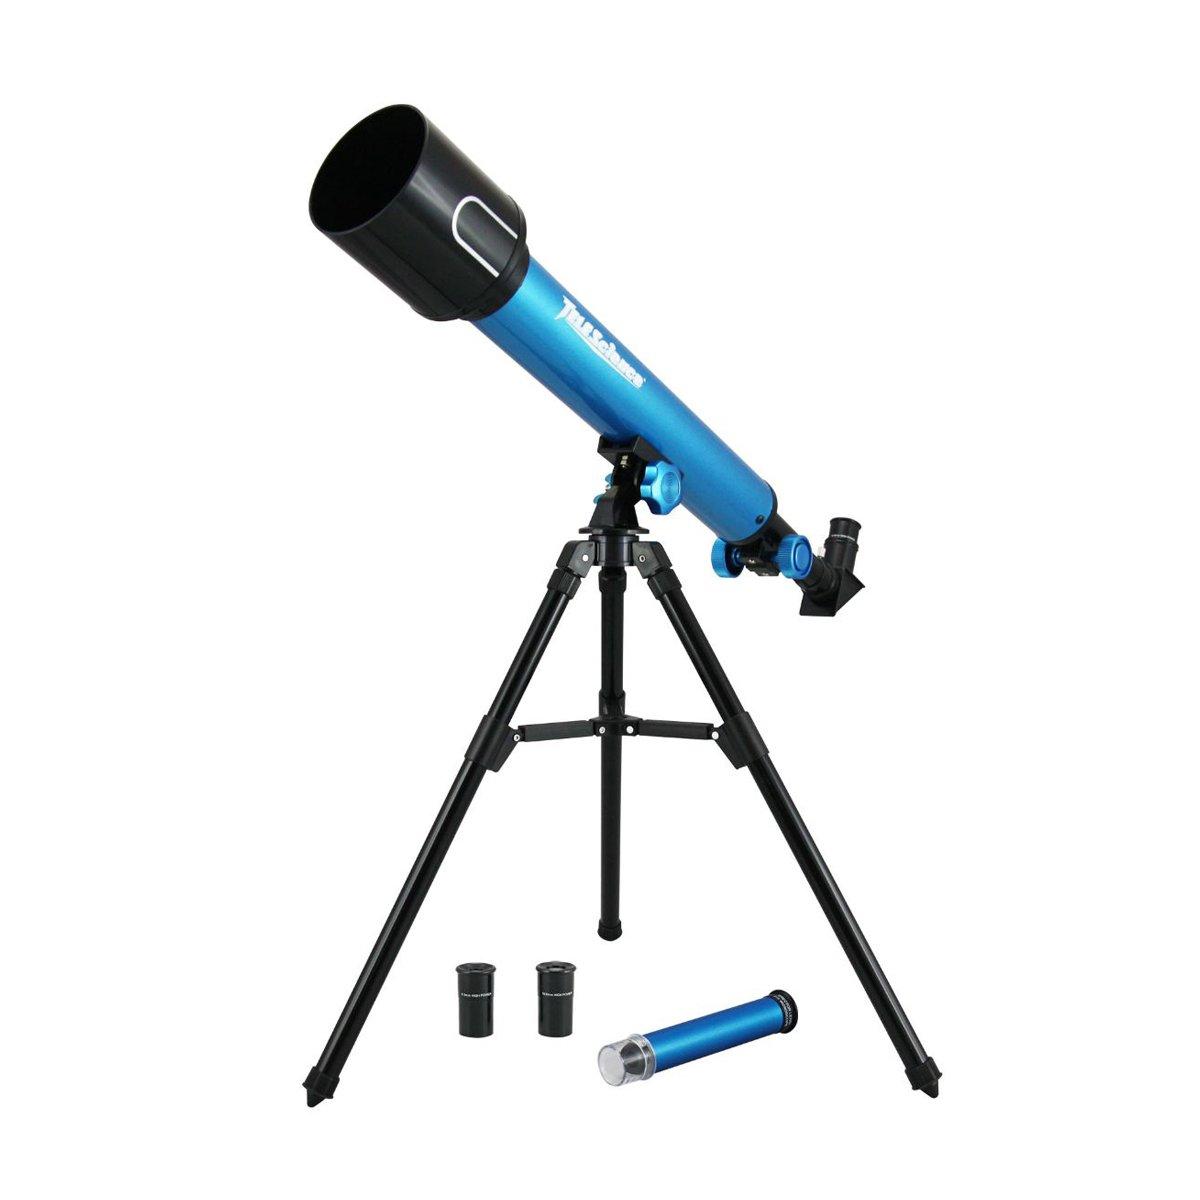 Telescop astronomic, Eastcolight, 50 mm